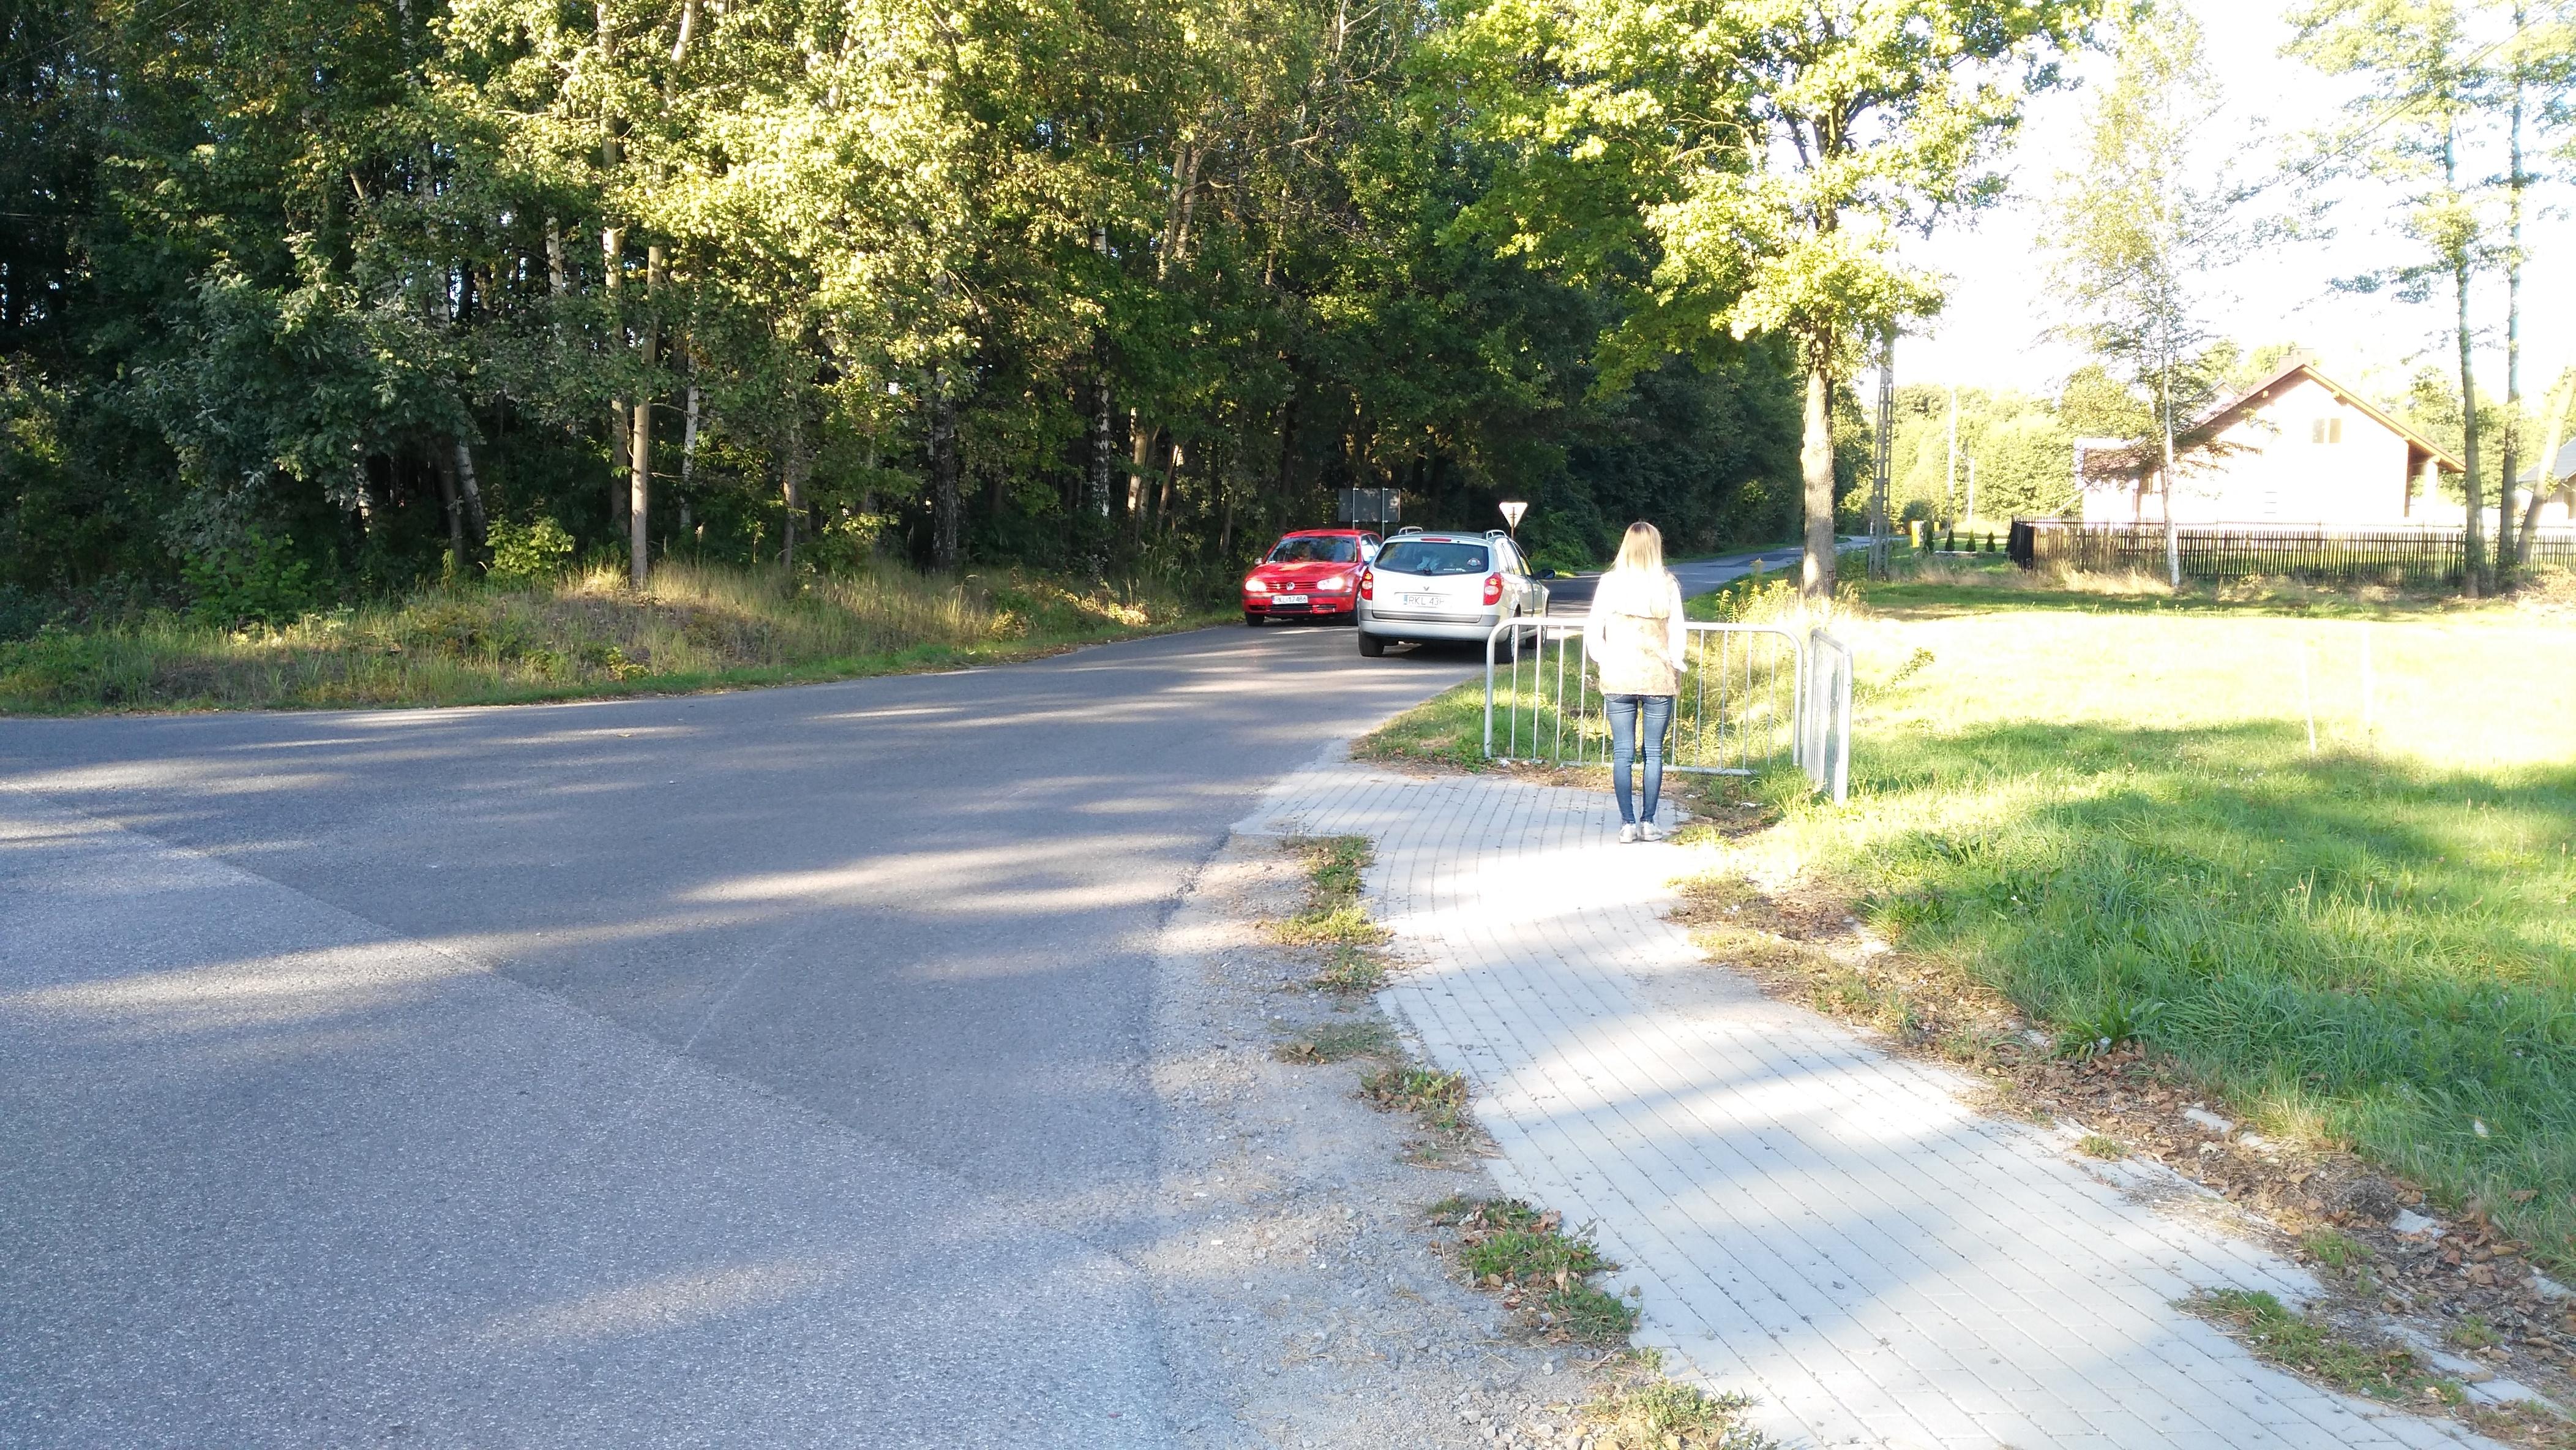 Budowa chodnika i remont drogi w gminie Dzikowiec. Milionowe inwestycje  - Zdjęcie główne